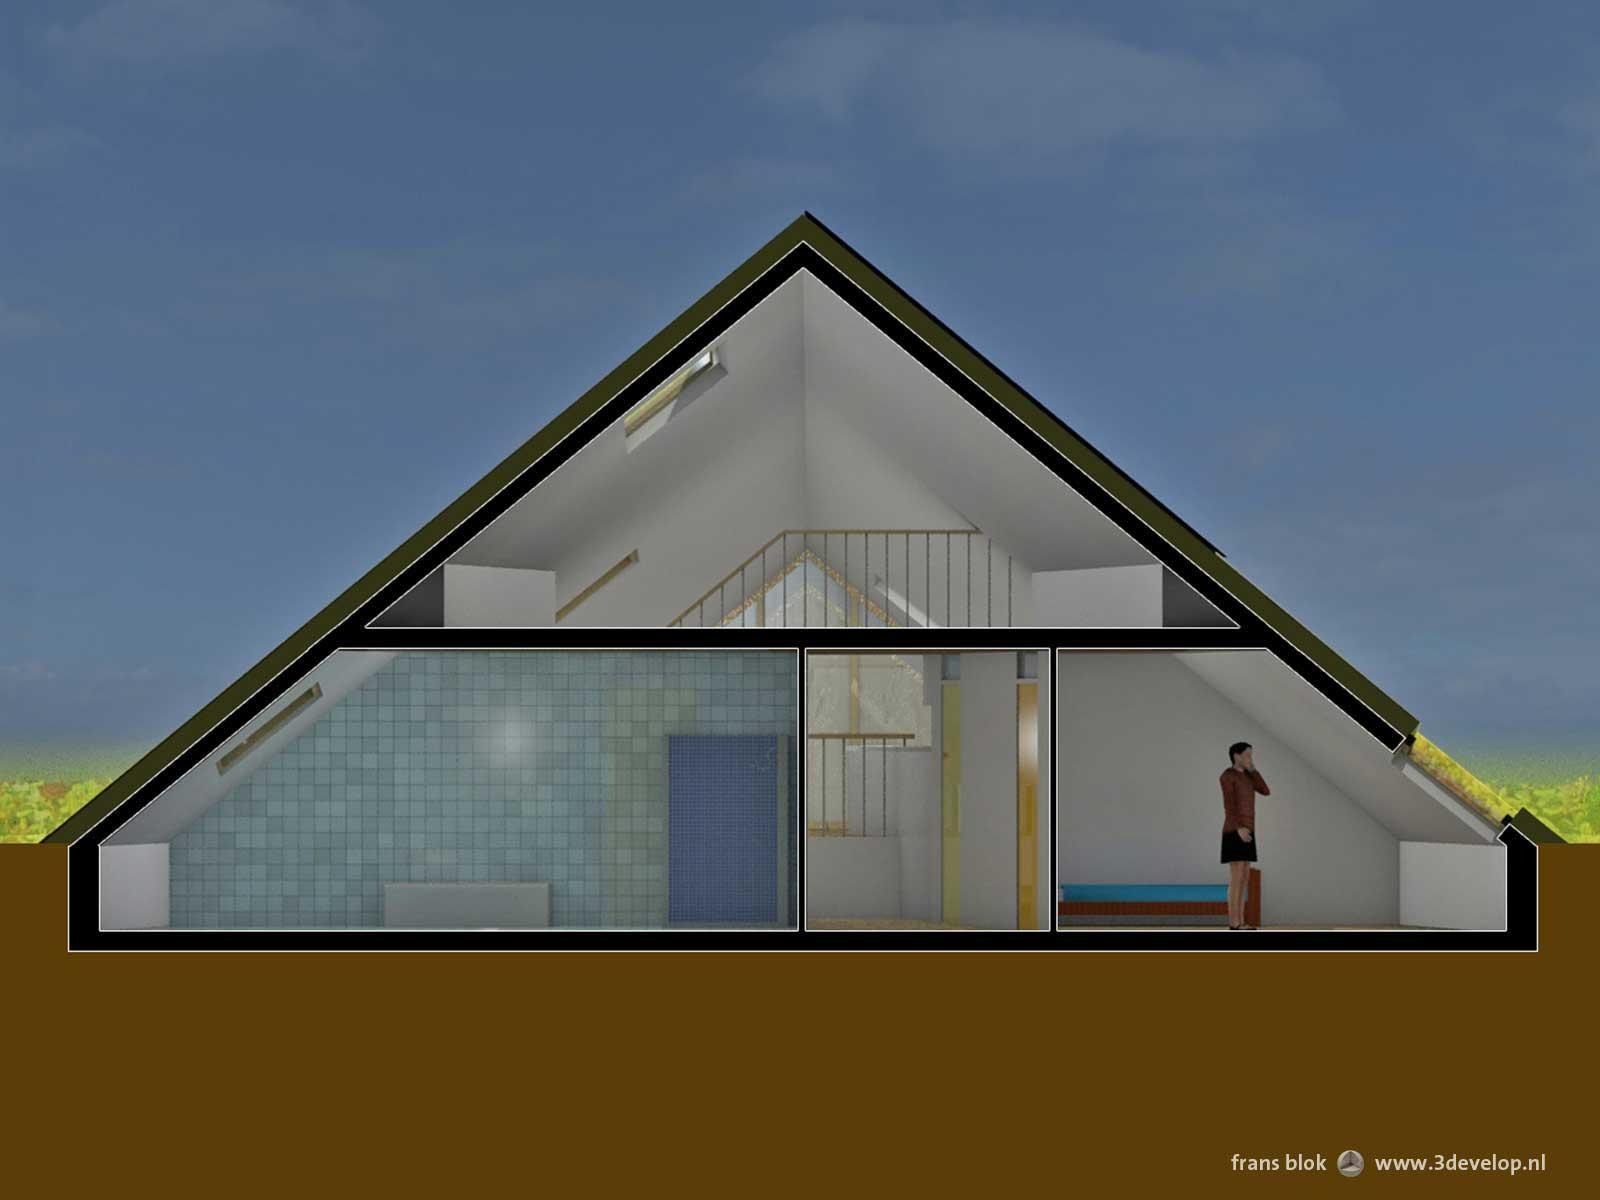 Dwarsdoorsnede van de Groene Piramide in Borne, een radicaal duurzame woning, met een halfondergrondse slaapverdieping en daarboven de woonkamer